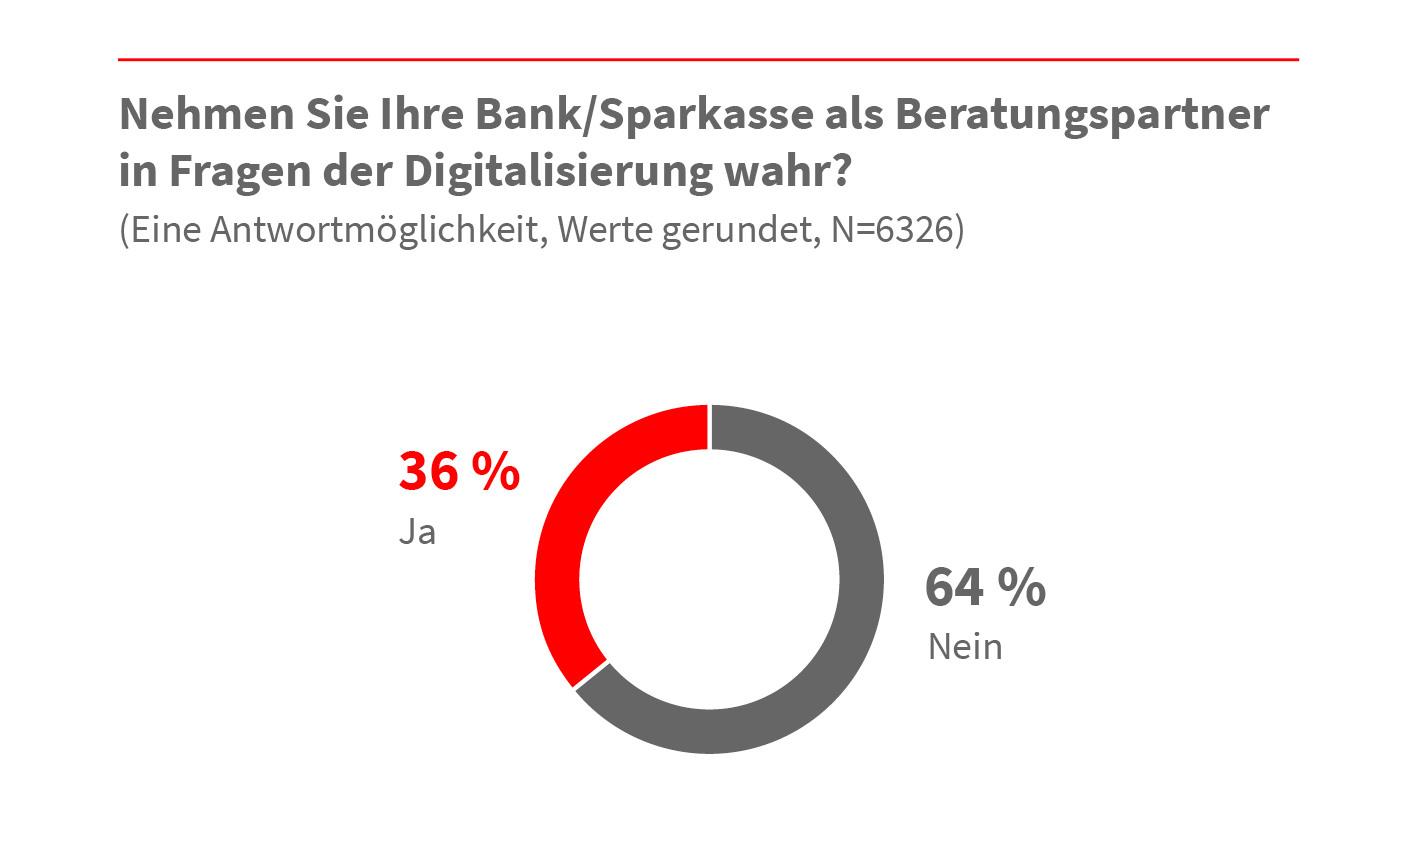 Banken und Sparkassen als digitale Beratungspartner bei Firmenkunden gefragt 4